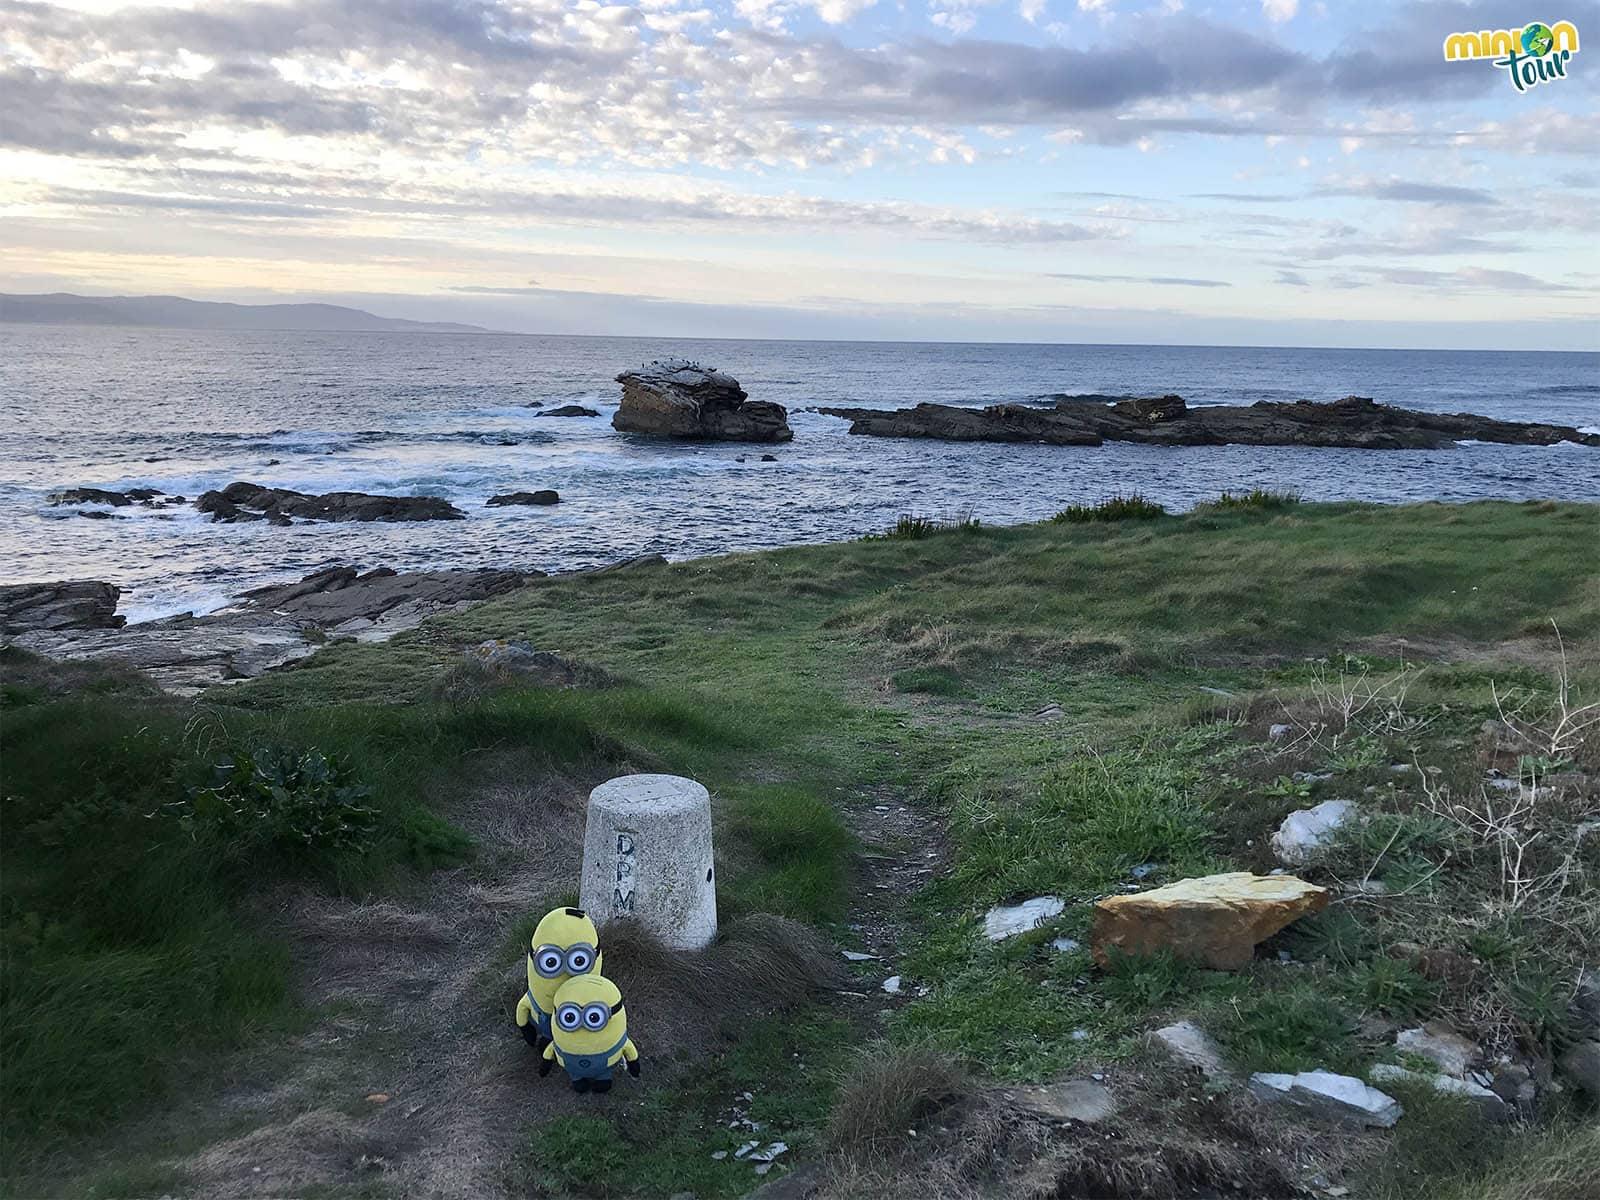 Hemos encontrado la Punta do Corvo